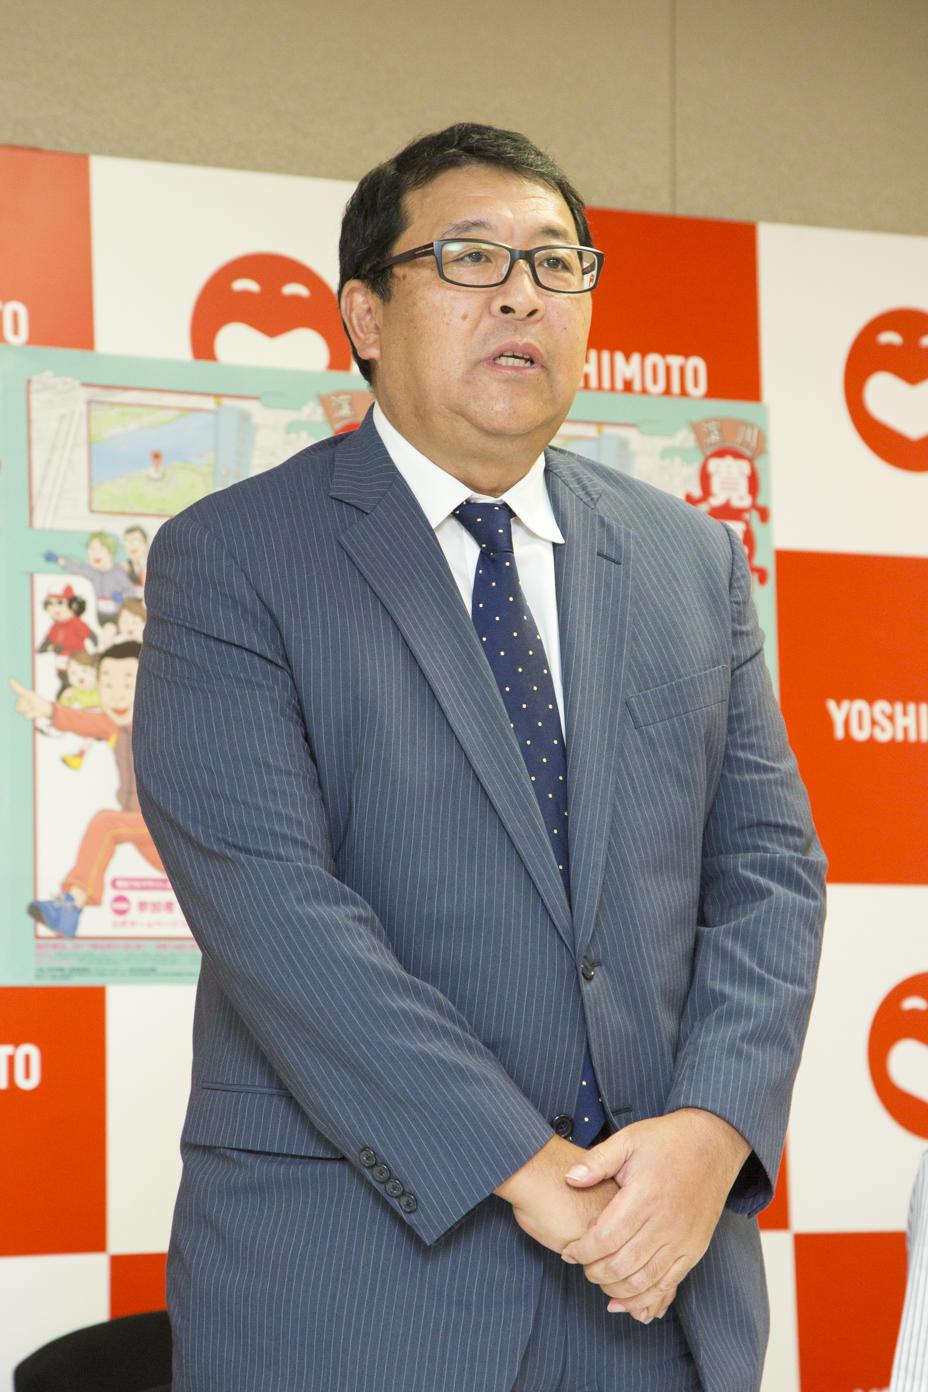 http://news.yoshimoto.co.jp/20170830175212-407d98c9f3fd181f0d2dbd8bf90055889f840eea.jpg